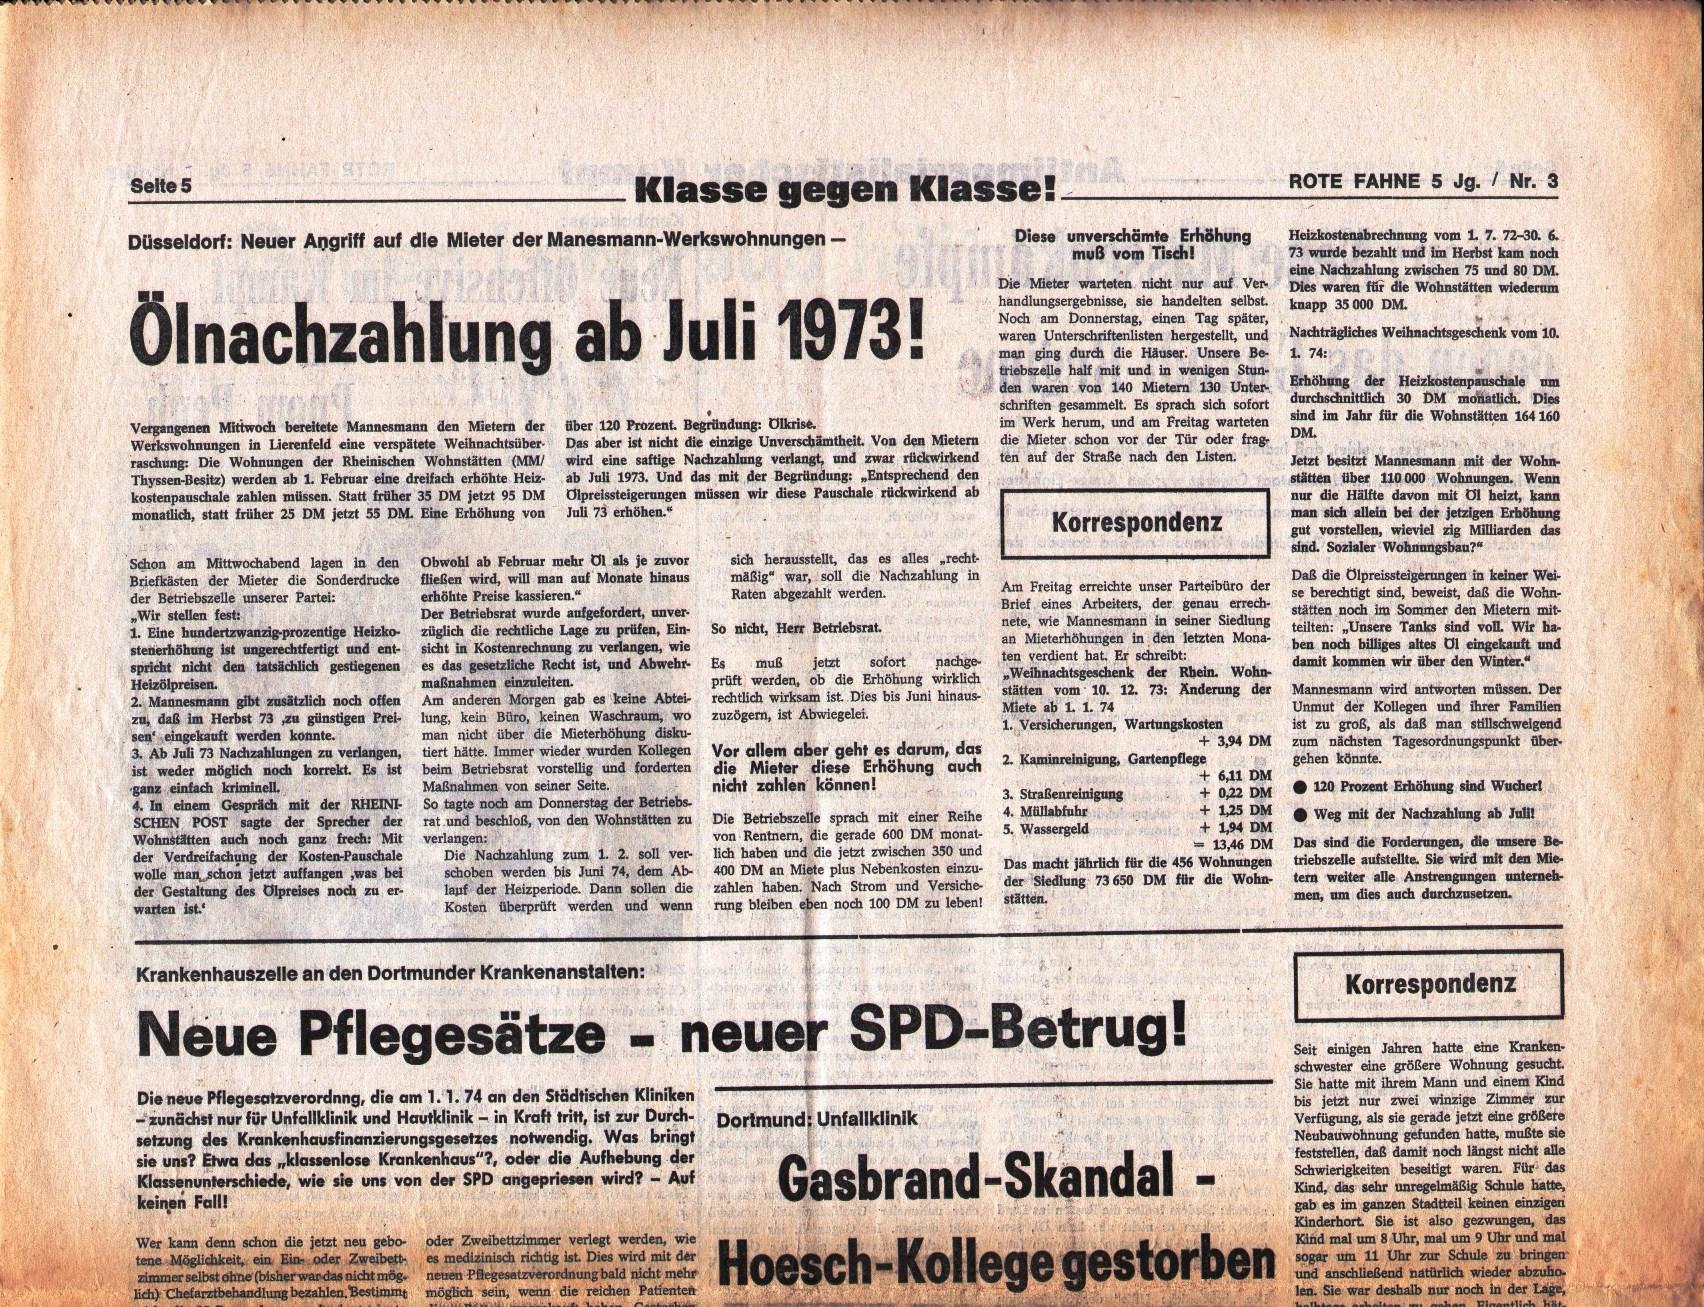 KPD_Rote_Fahne_1974_03_09